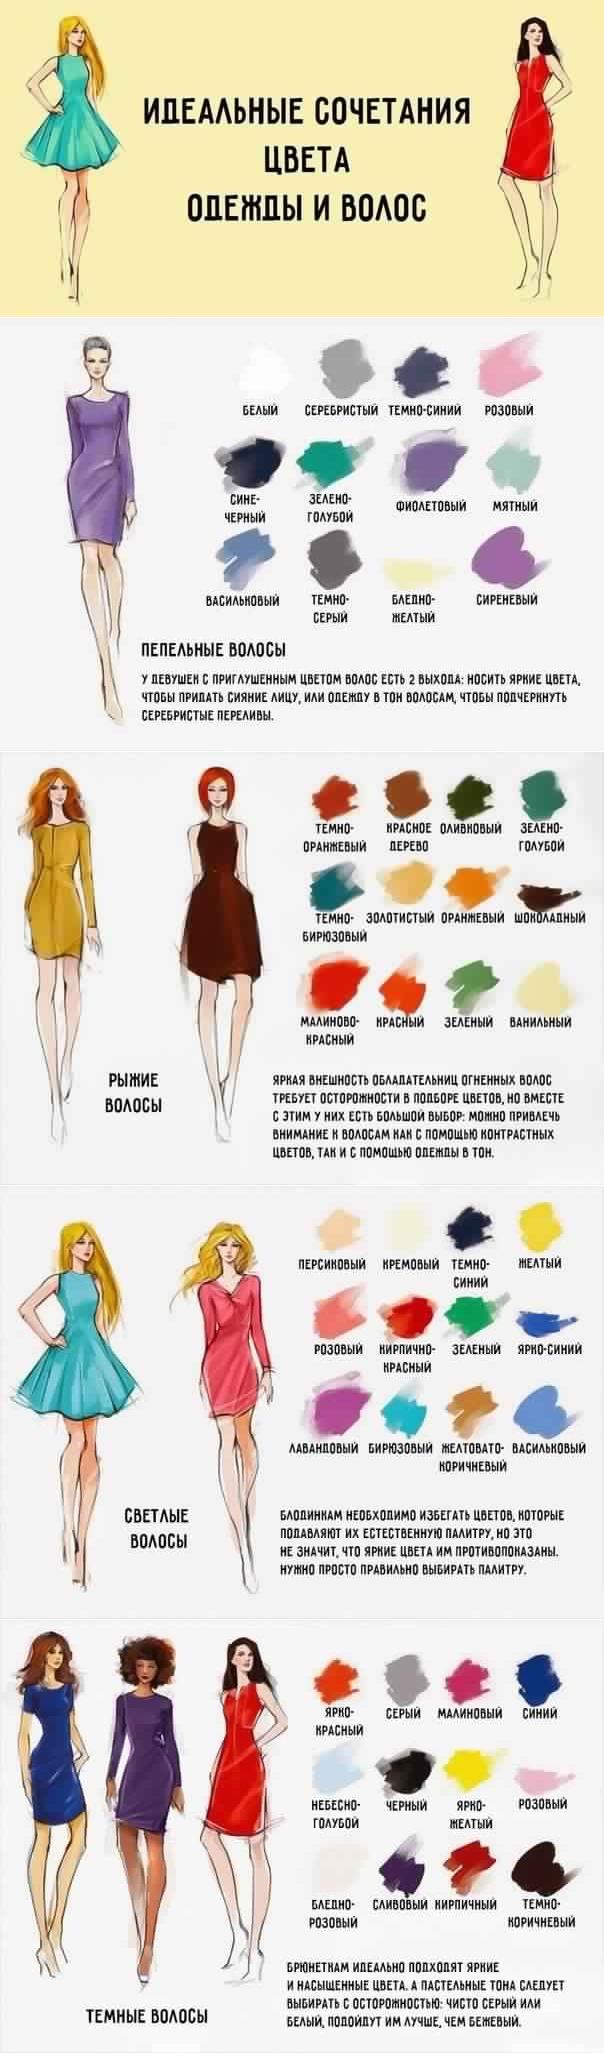 Подбираем платье по цвету волос - инфографика